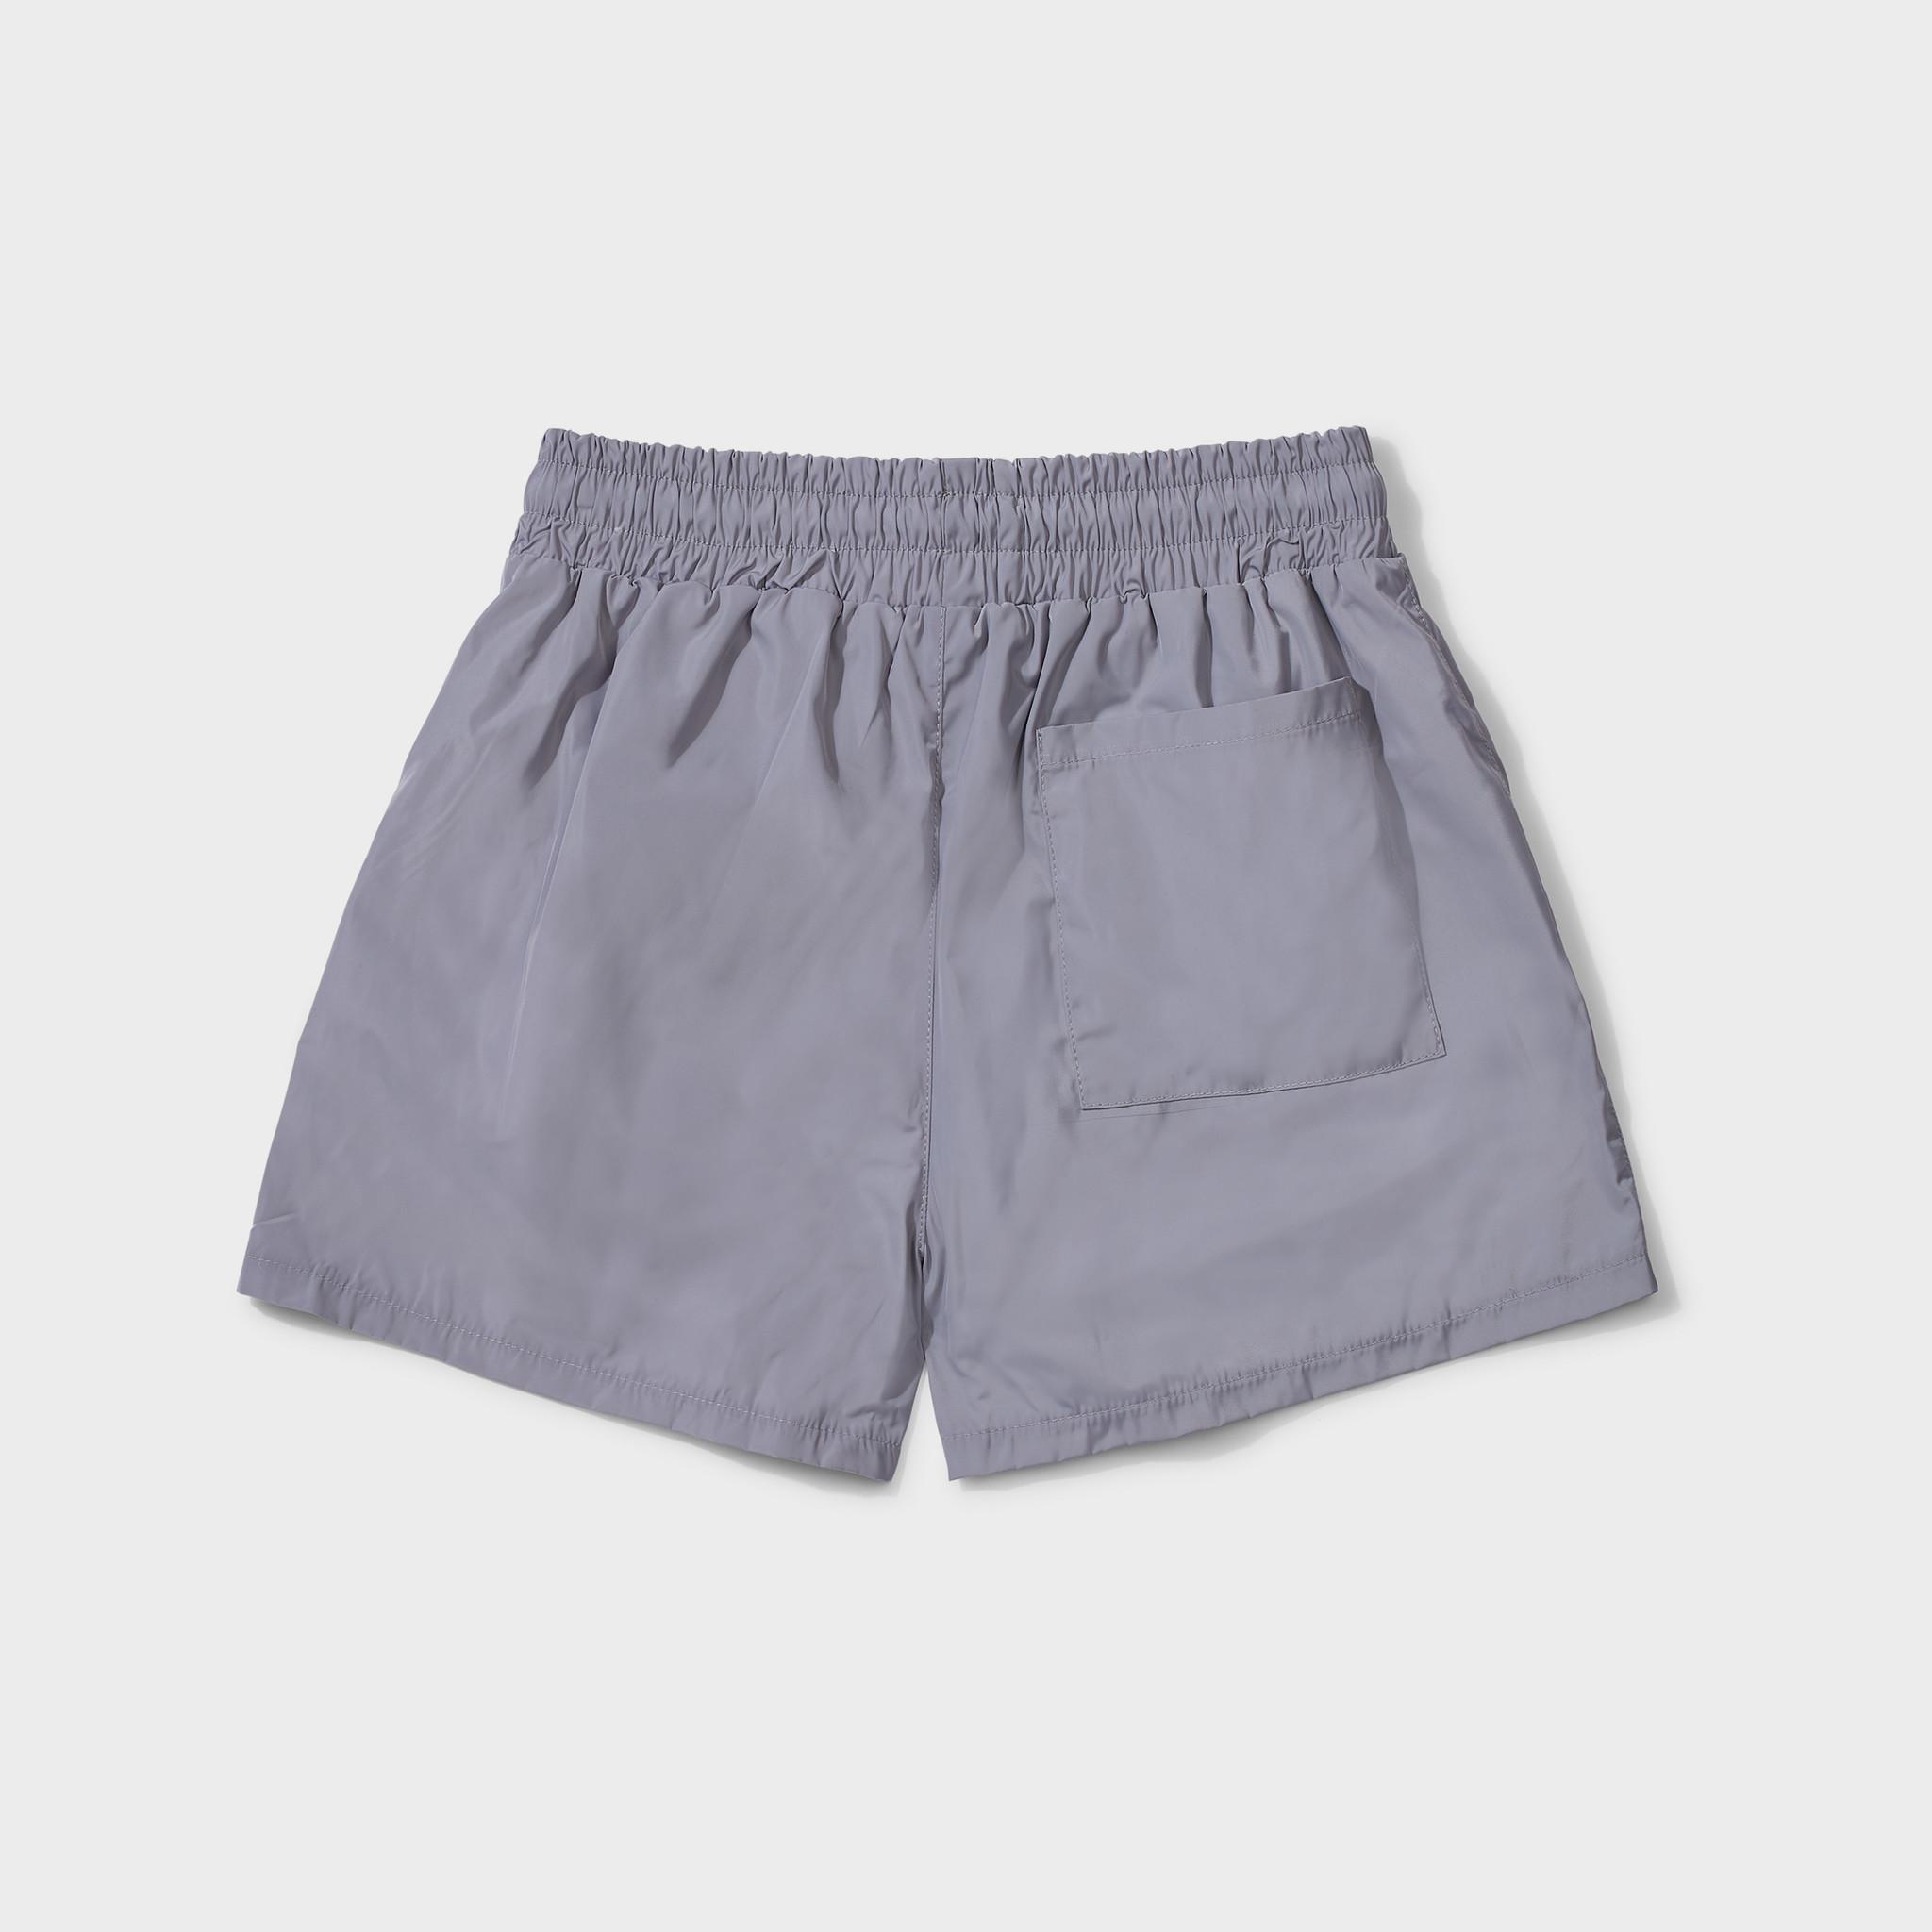 Amir swim shorts grey-2